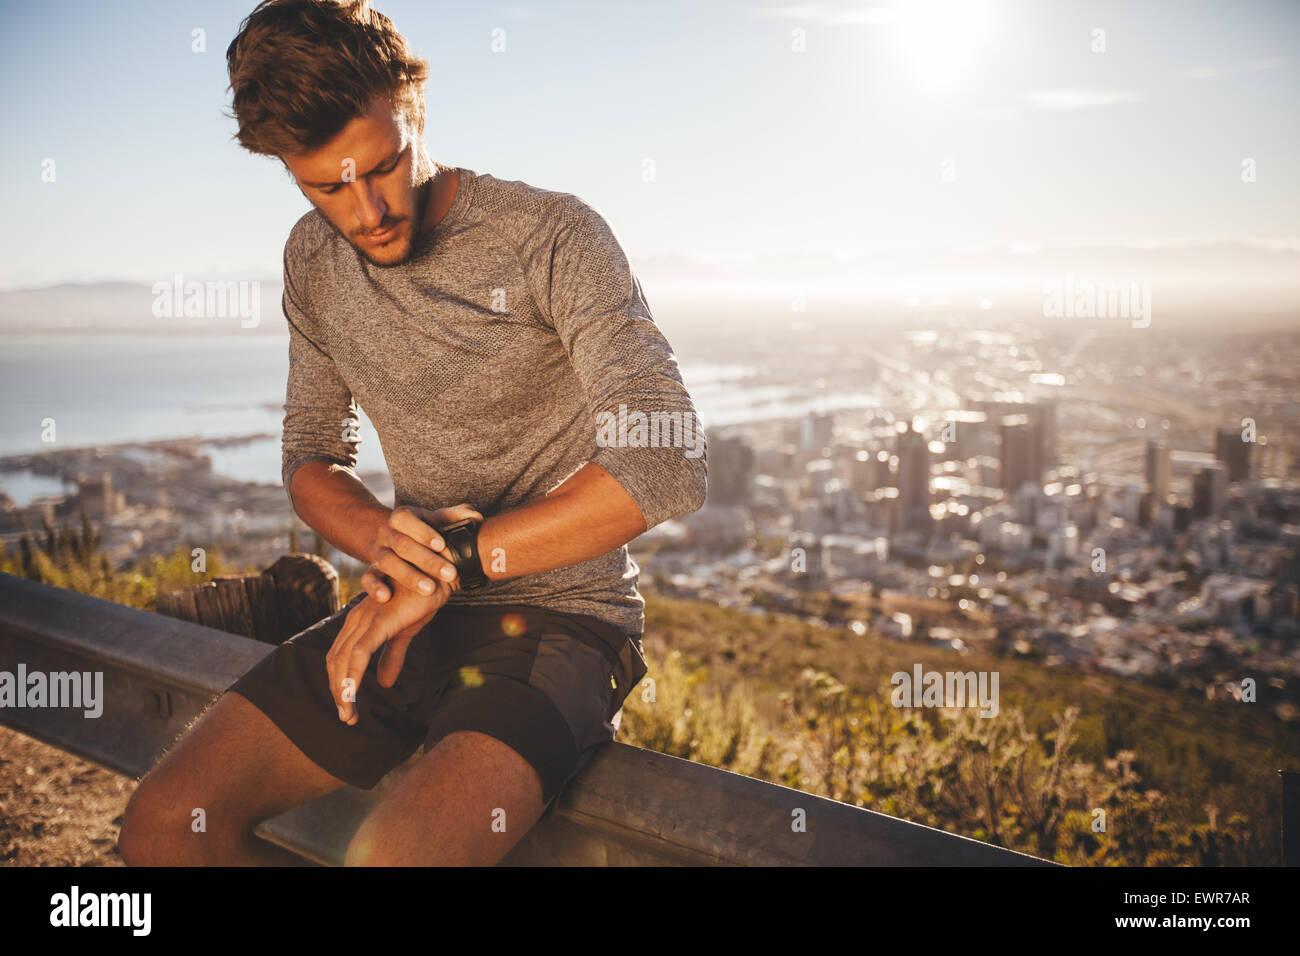 Junger Mann seine GPS-Uhr vor einem Lauf einstellen. Fit junge Sportler unterwegs Geländer und Überprüfung Stockbild